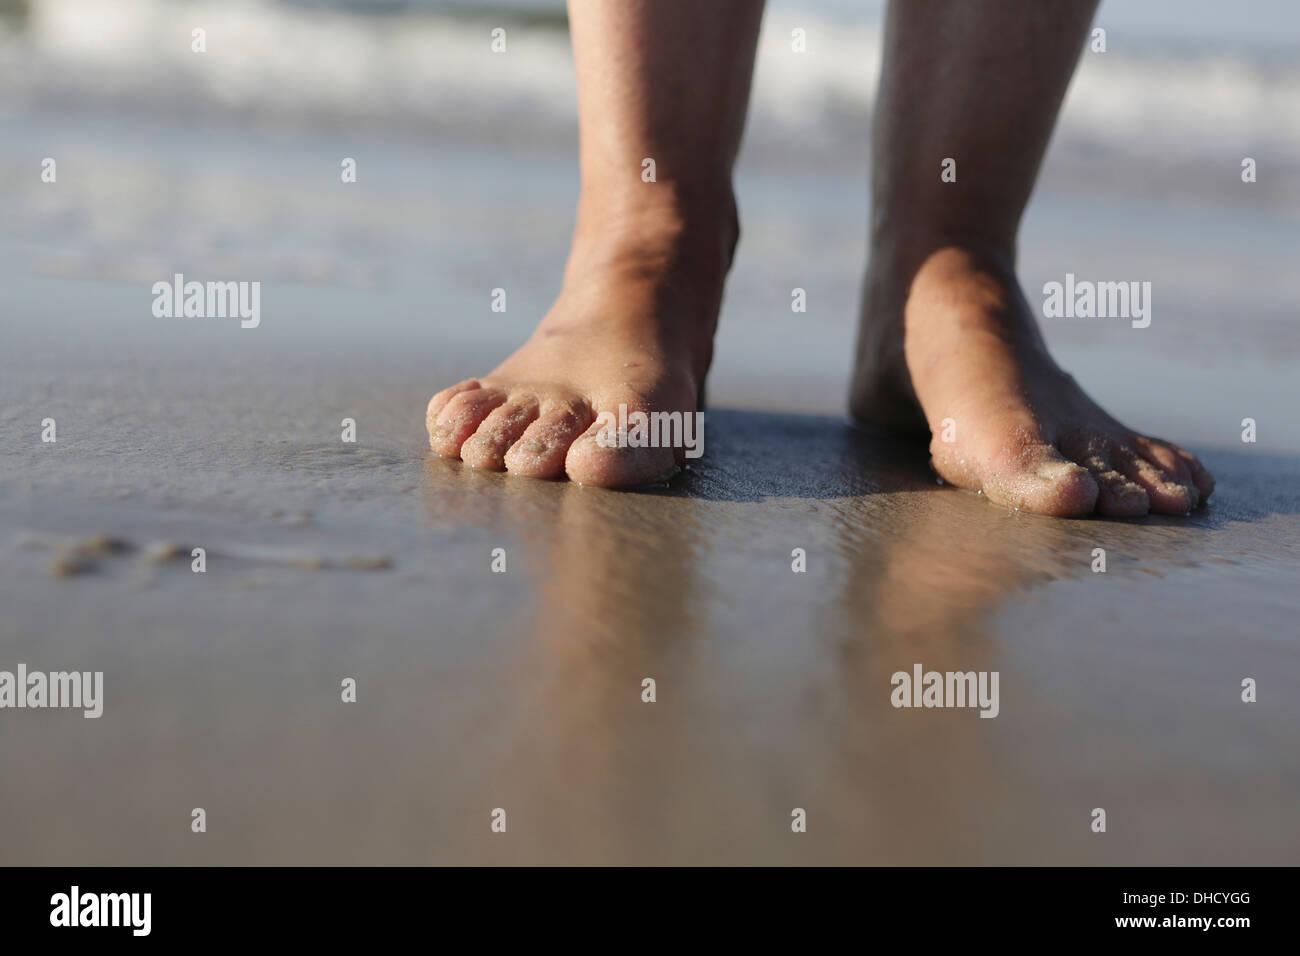 Allemagne, Basse-Saxe, Frise Orientale, Langeoog, les pieds d'une femme à la plage Photo Stock